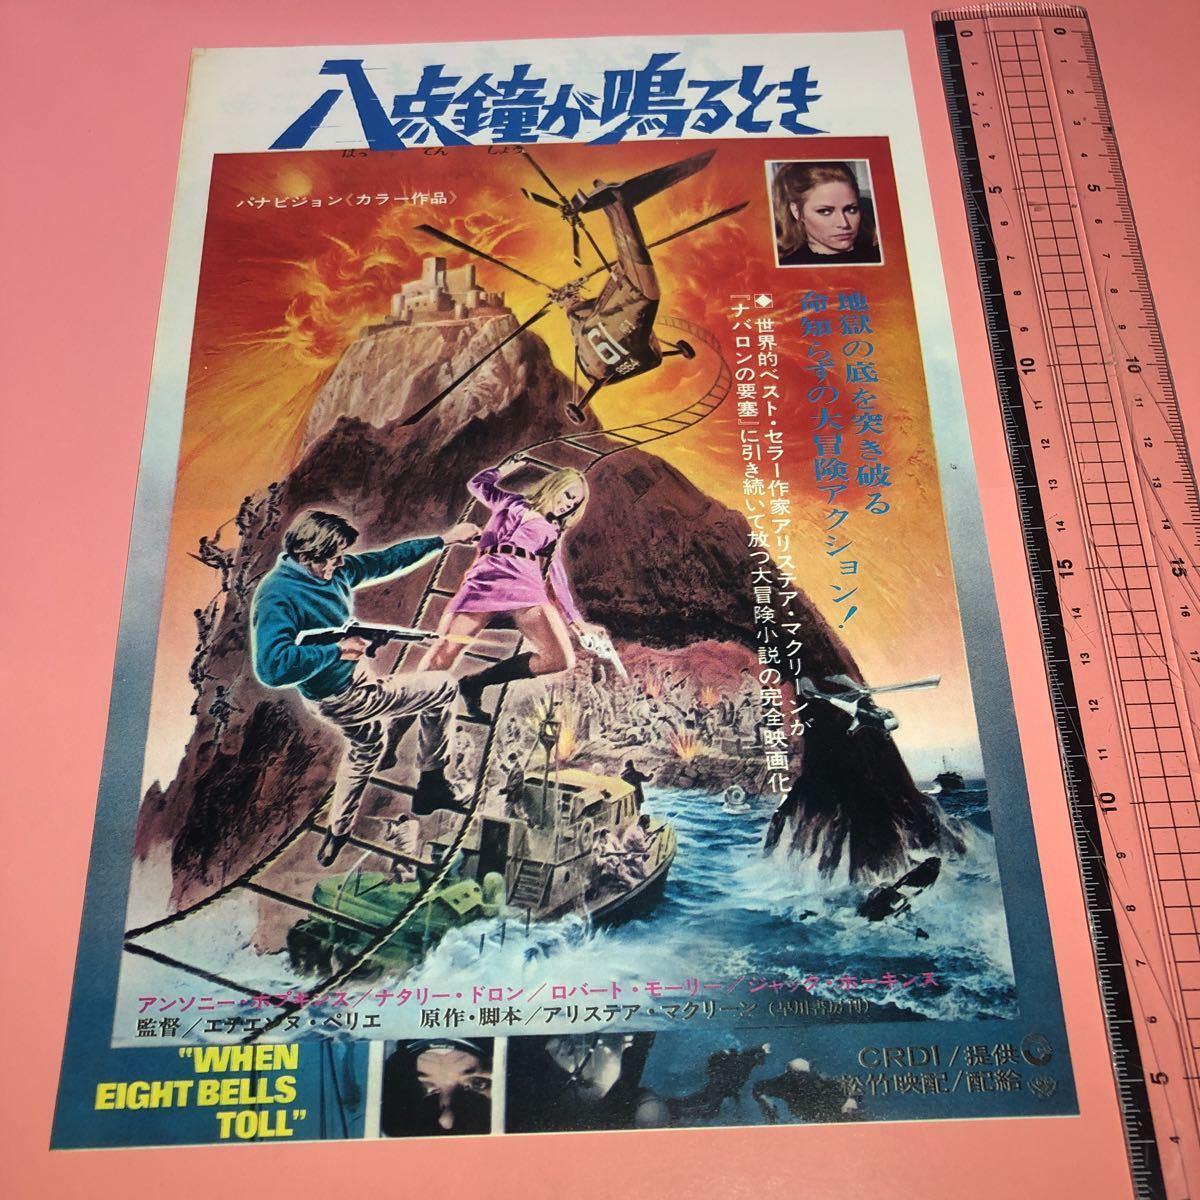 425☆ 「八点鐘が鳴るとき」 渋谷東急 アンソニー・ホプキンス/ナタリー・ドロン 古い